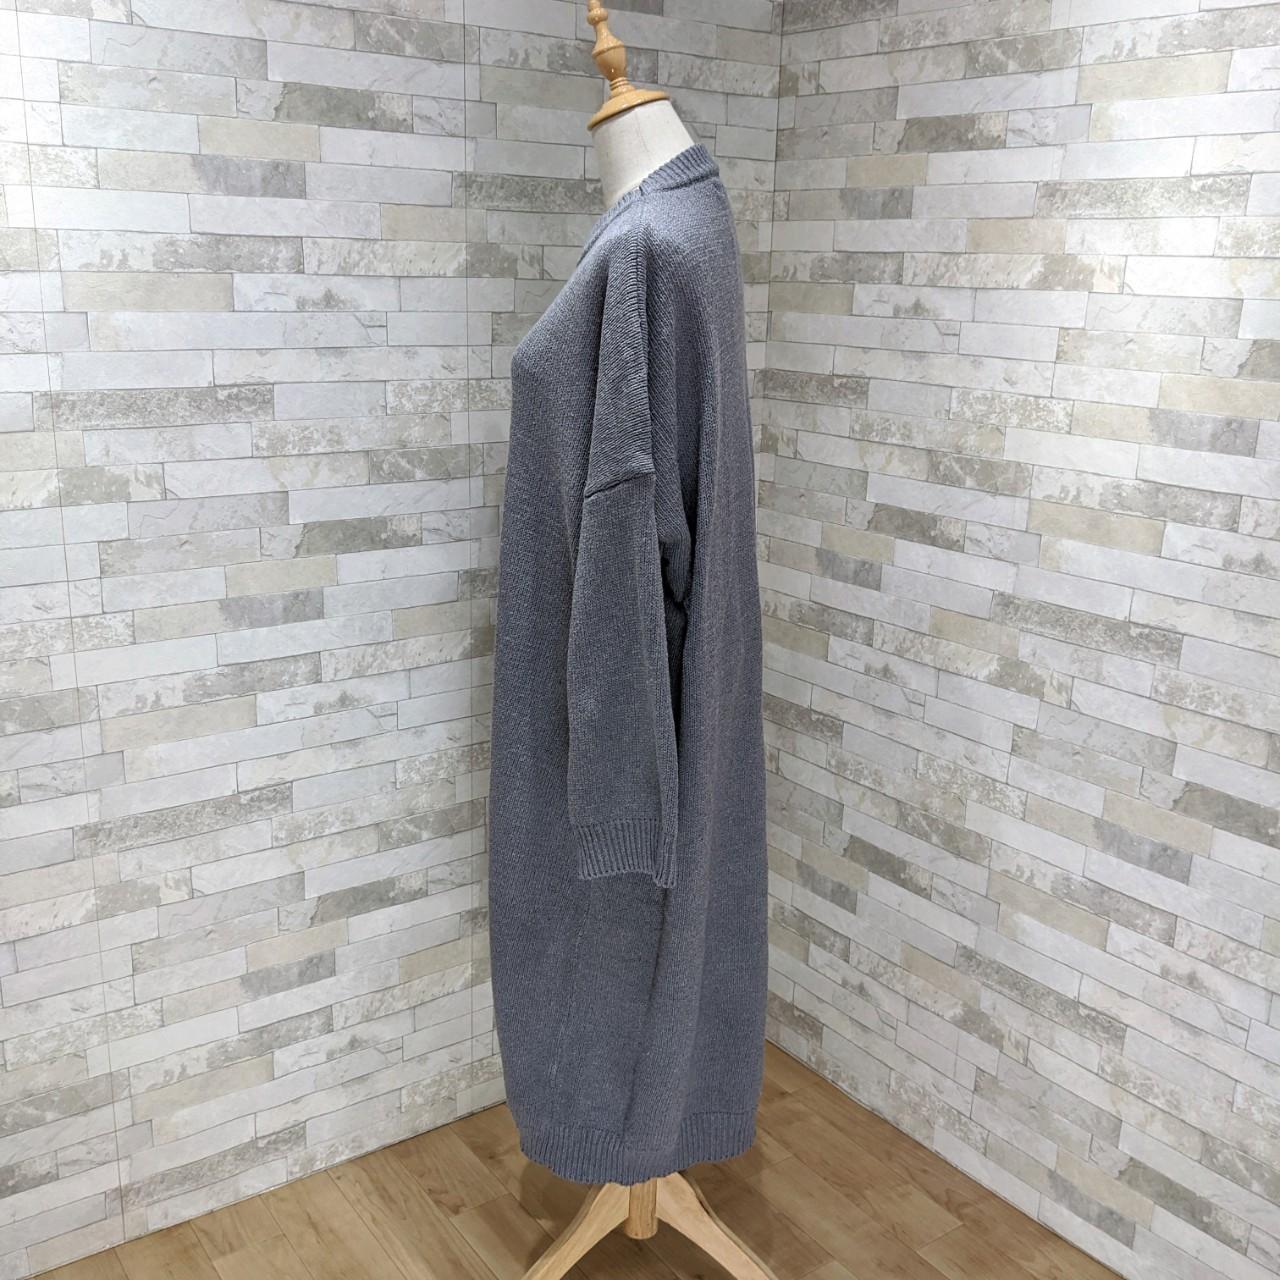 【即納】韓国 ファッション ワンピース 秋 冬 カジュアル SPTXH166  ゆったり リブニットワンピ ビッグシルエット オルチャン シンプル 定番 セレカジの写真5枚目